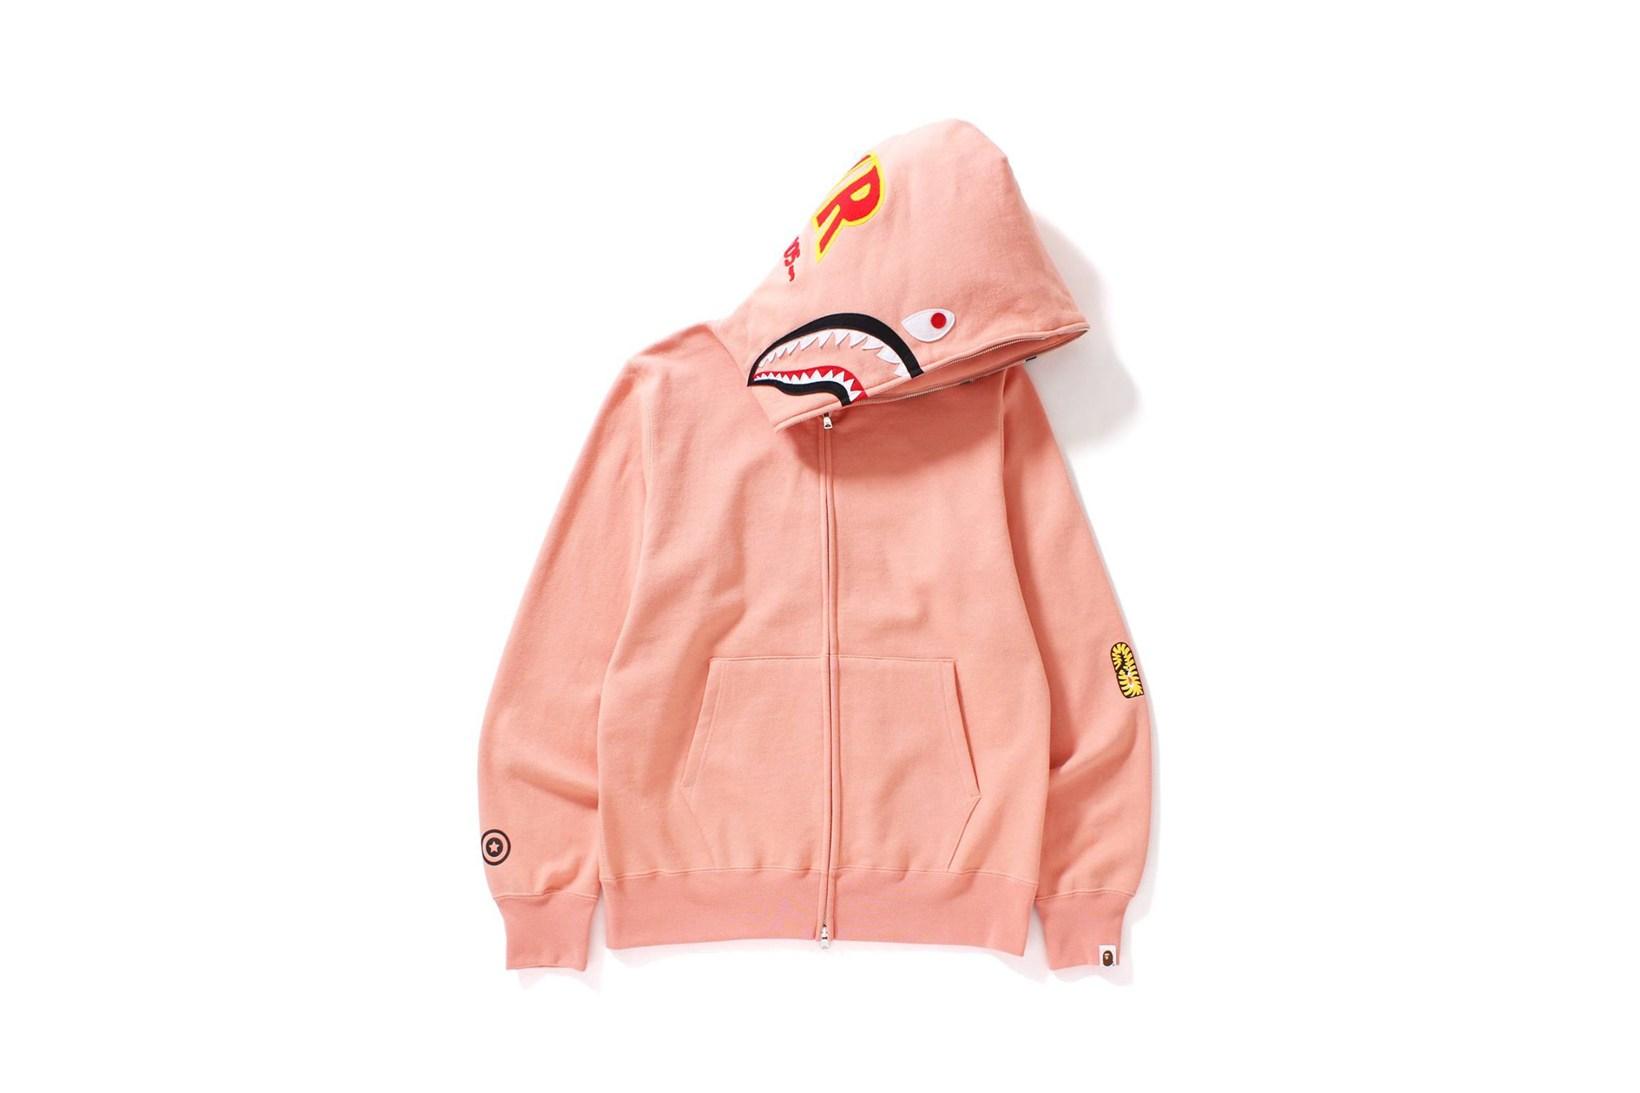 bape-2017-spring-summer-shark-hoodies-1-2